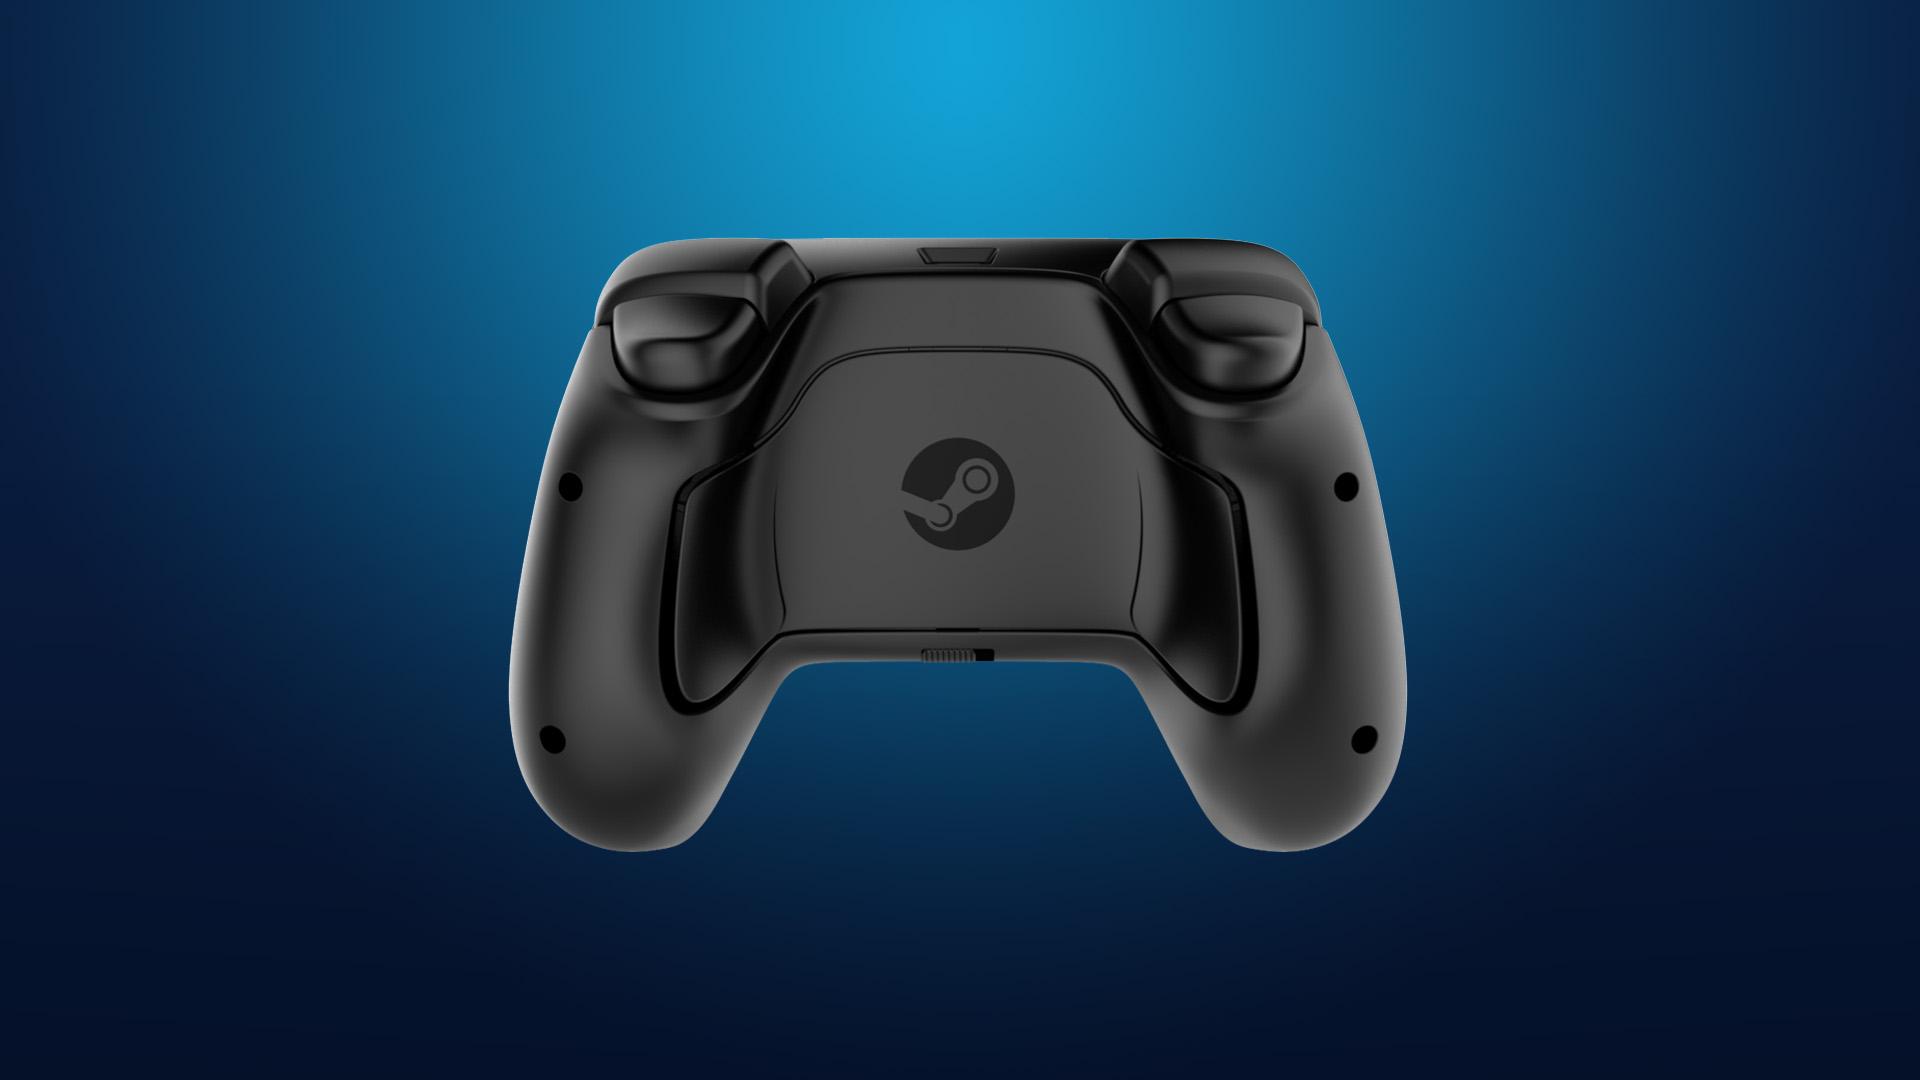 Steam Controller láká hráče na novou úroveň ovládání her 116232